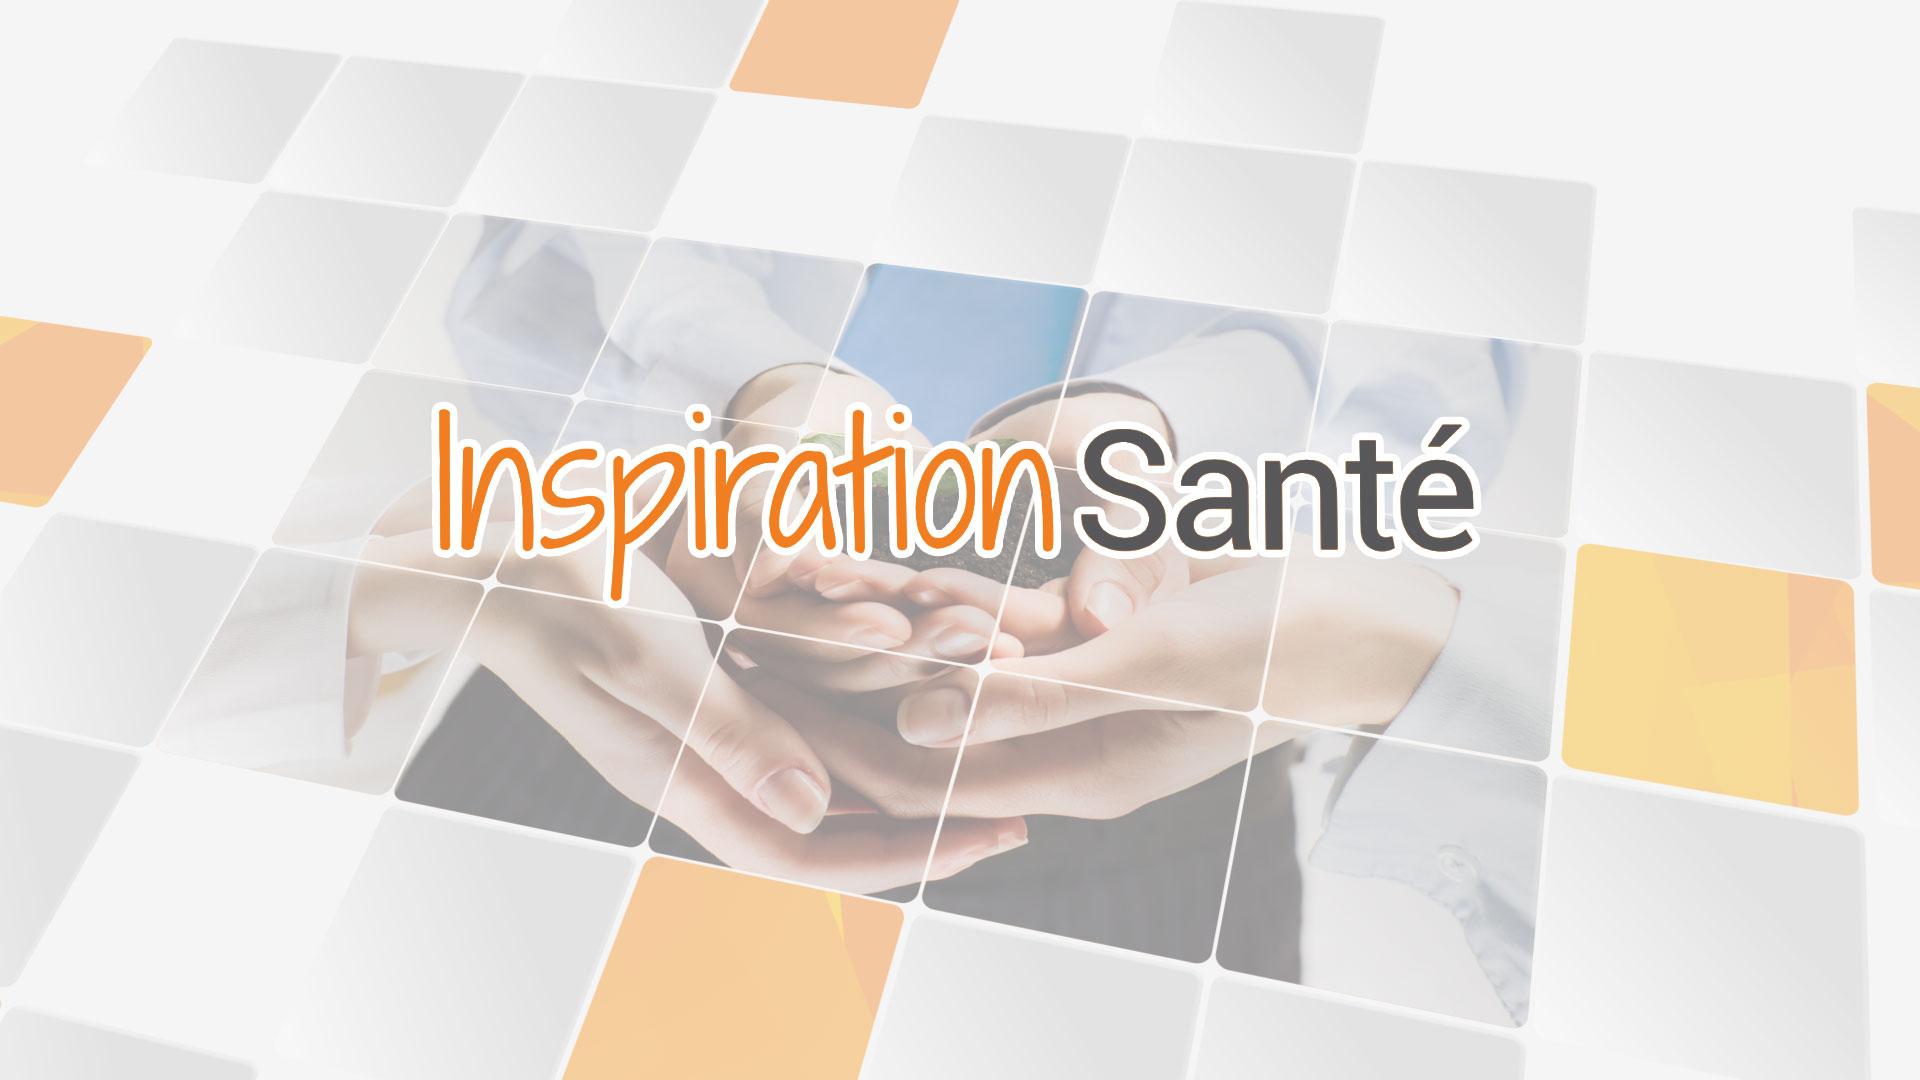 Inspiration Santé